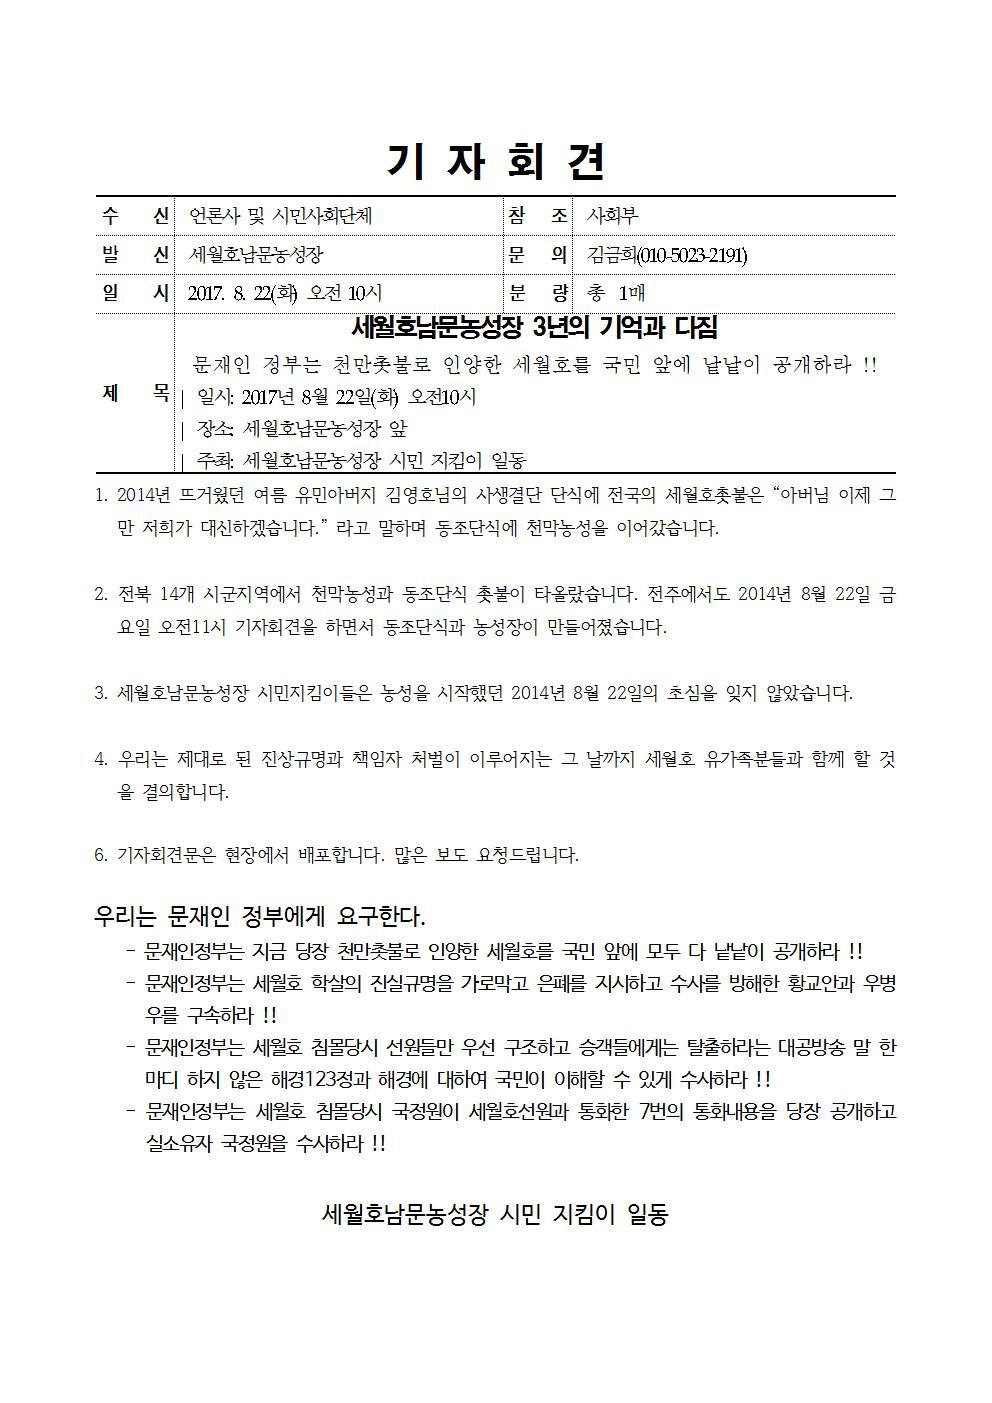 [기자회견 보도요청] 2017.8.22 10시 세월호남문농성장 3년 기억 그리고 다짐001001.jpg